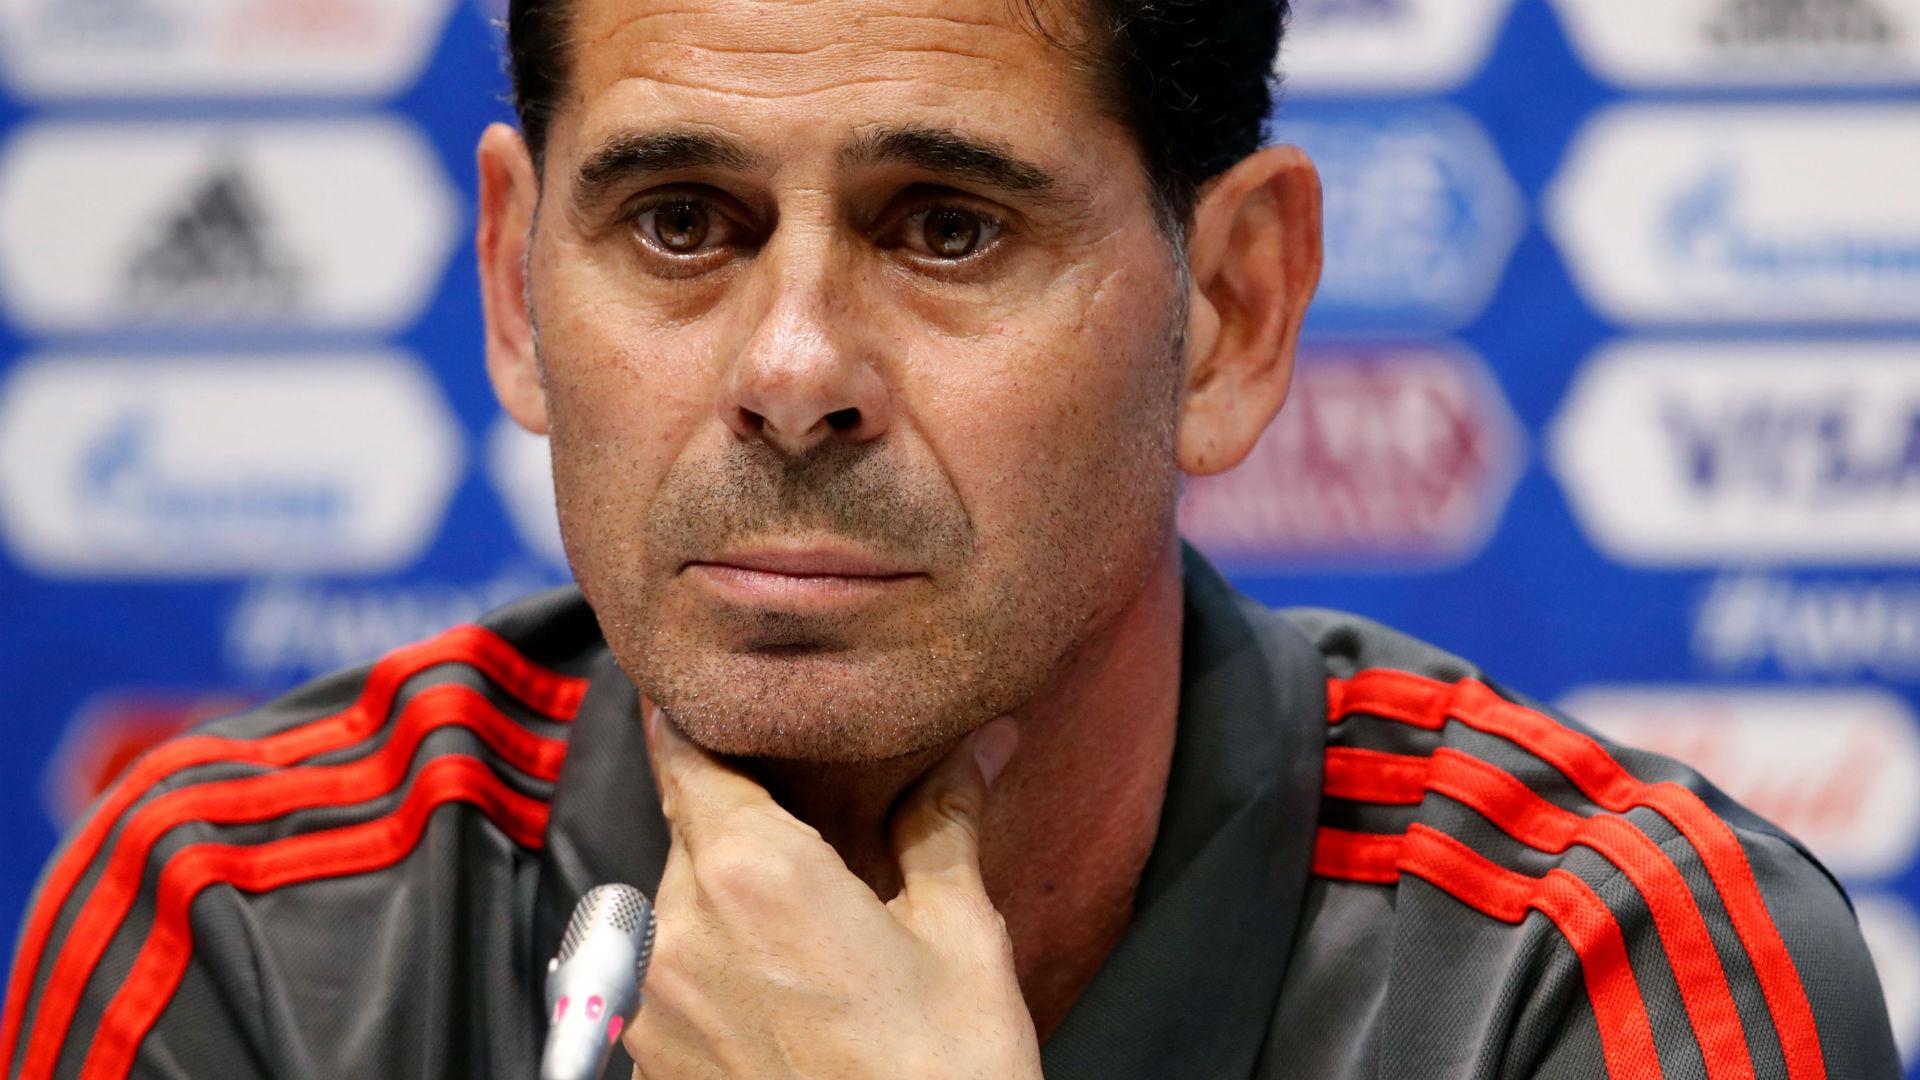 Image result for เอียร์โรชี้บอลโลกหนนี้ไม่ง่ายสำหรับสเปน